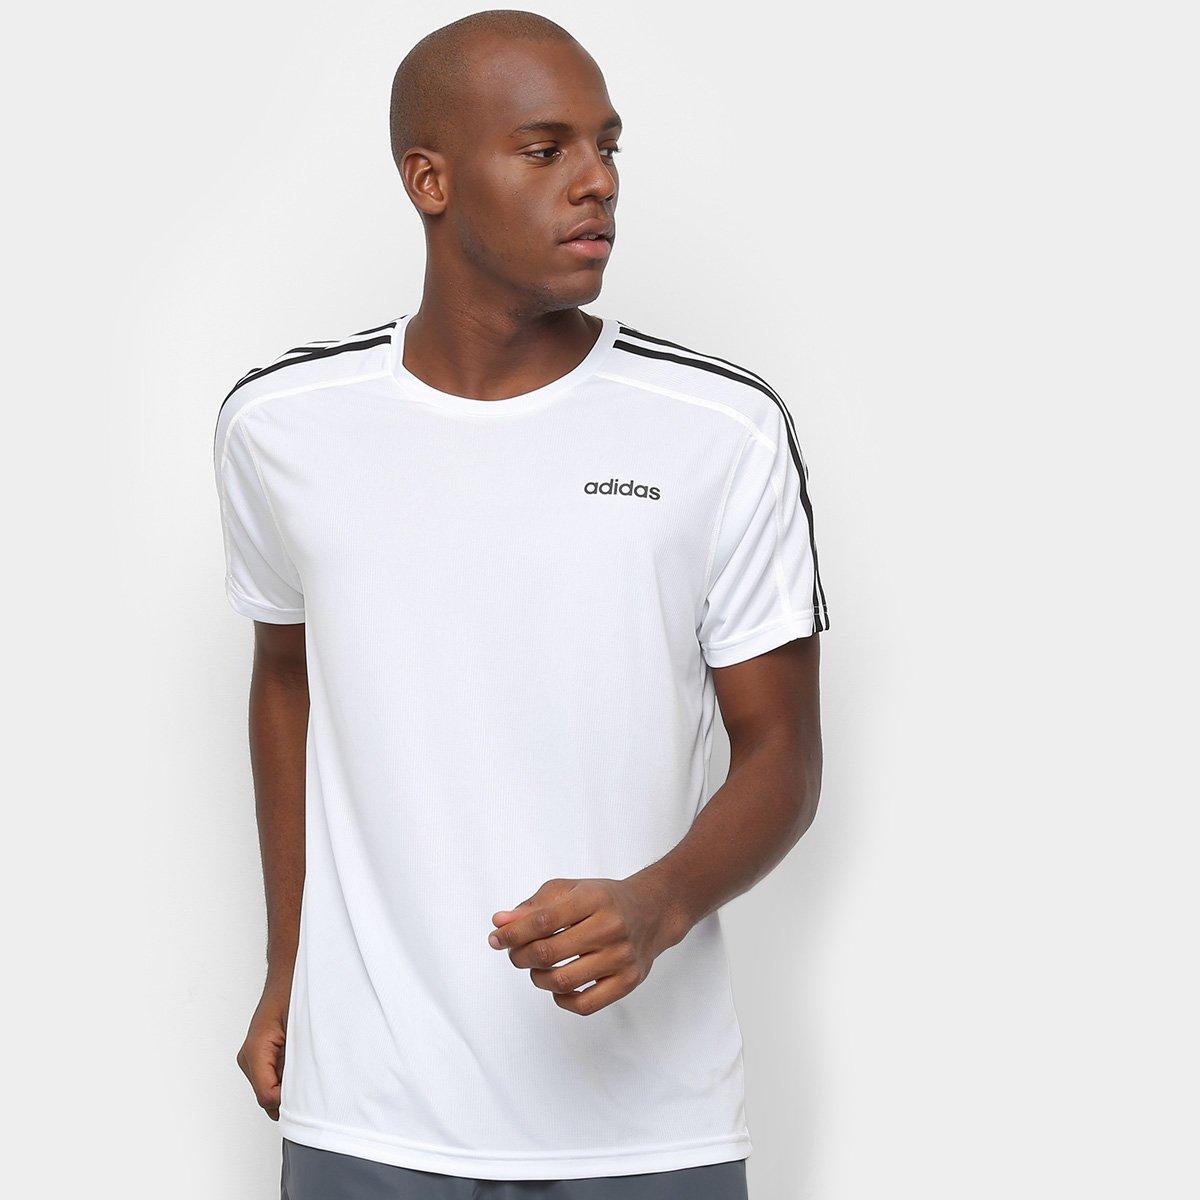 Compre Camiseta Adidas Branca Online | Netshoes